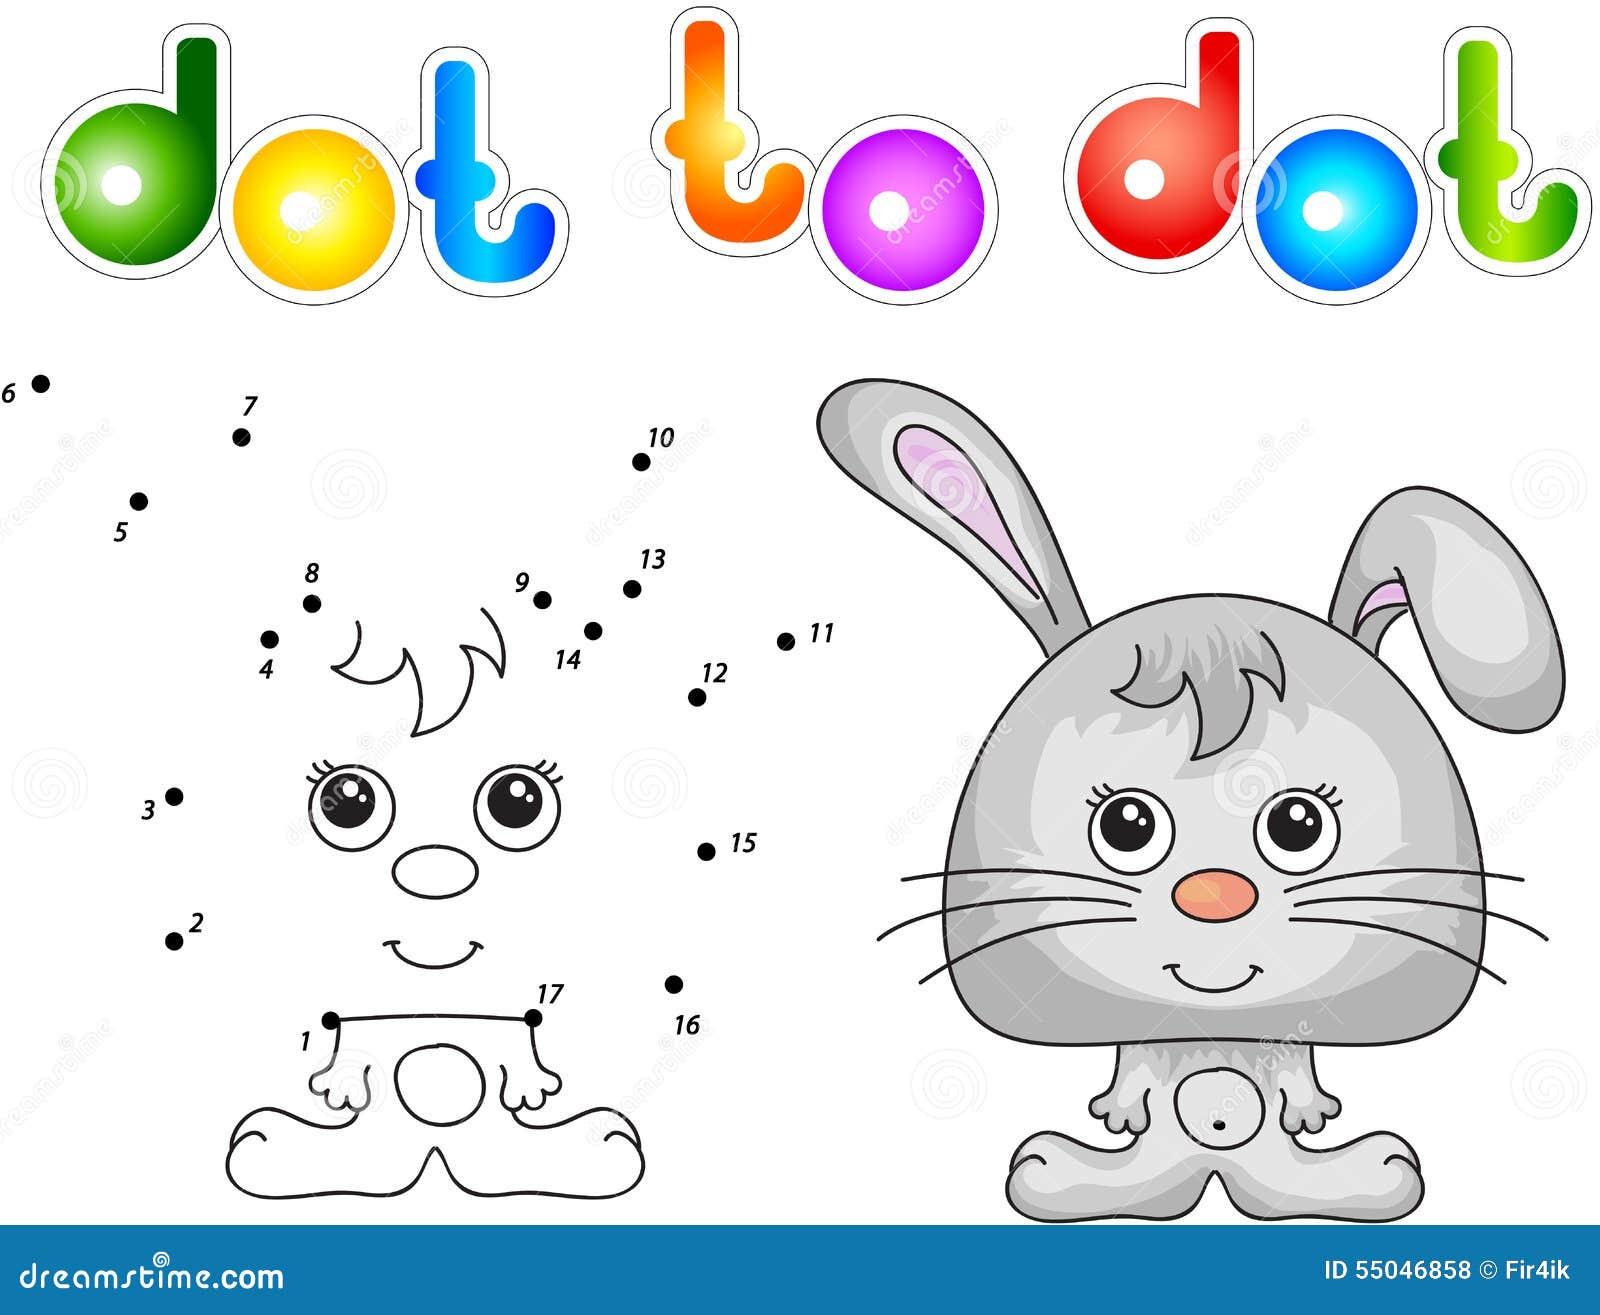 滑稽和逗人喜爱的野兔(兔子)